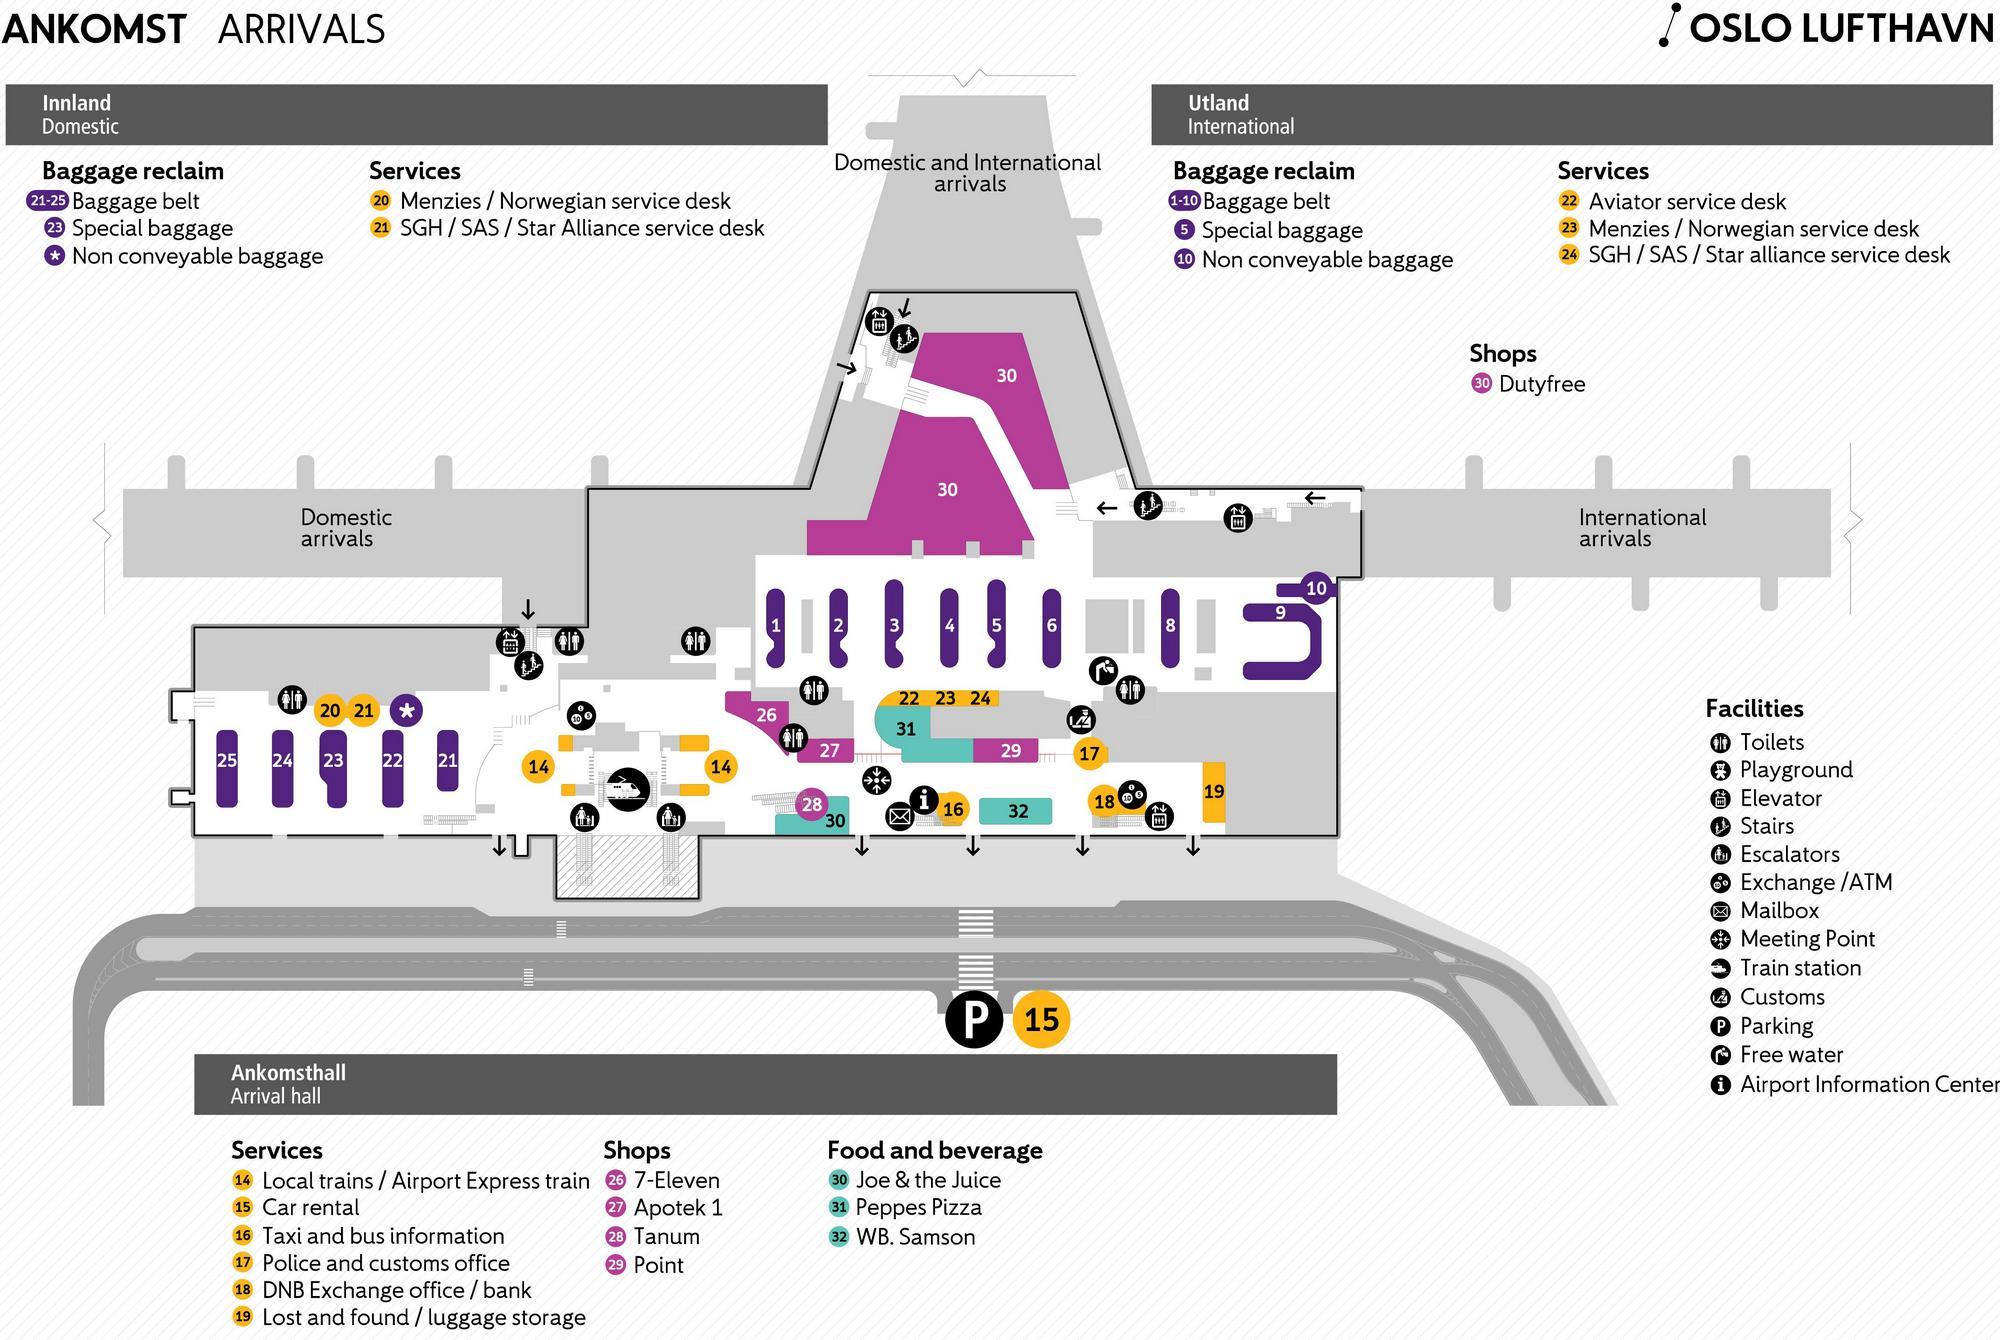 Схема аэропорта Осло: зона прилета